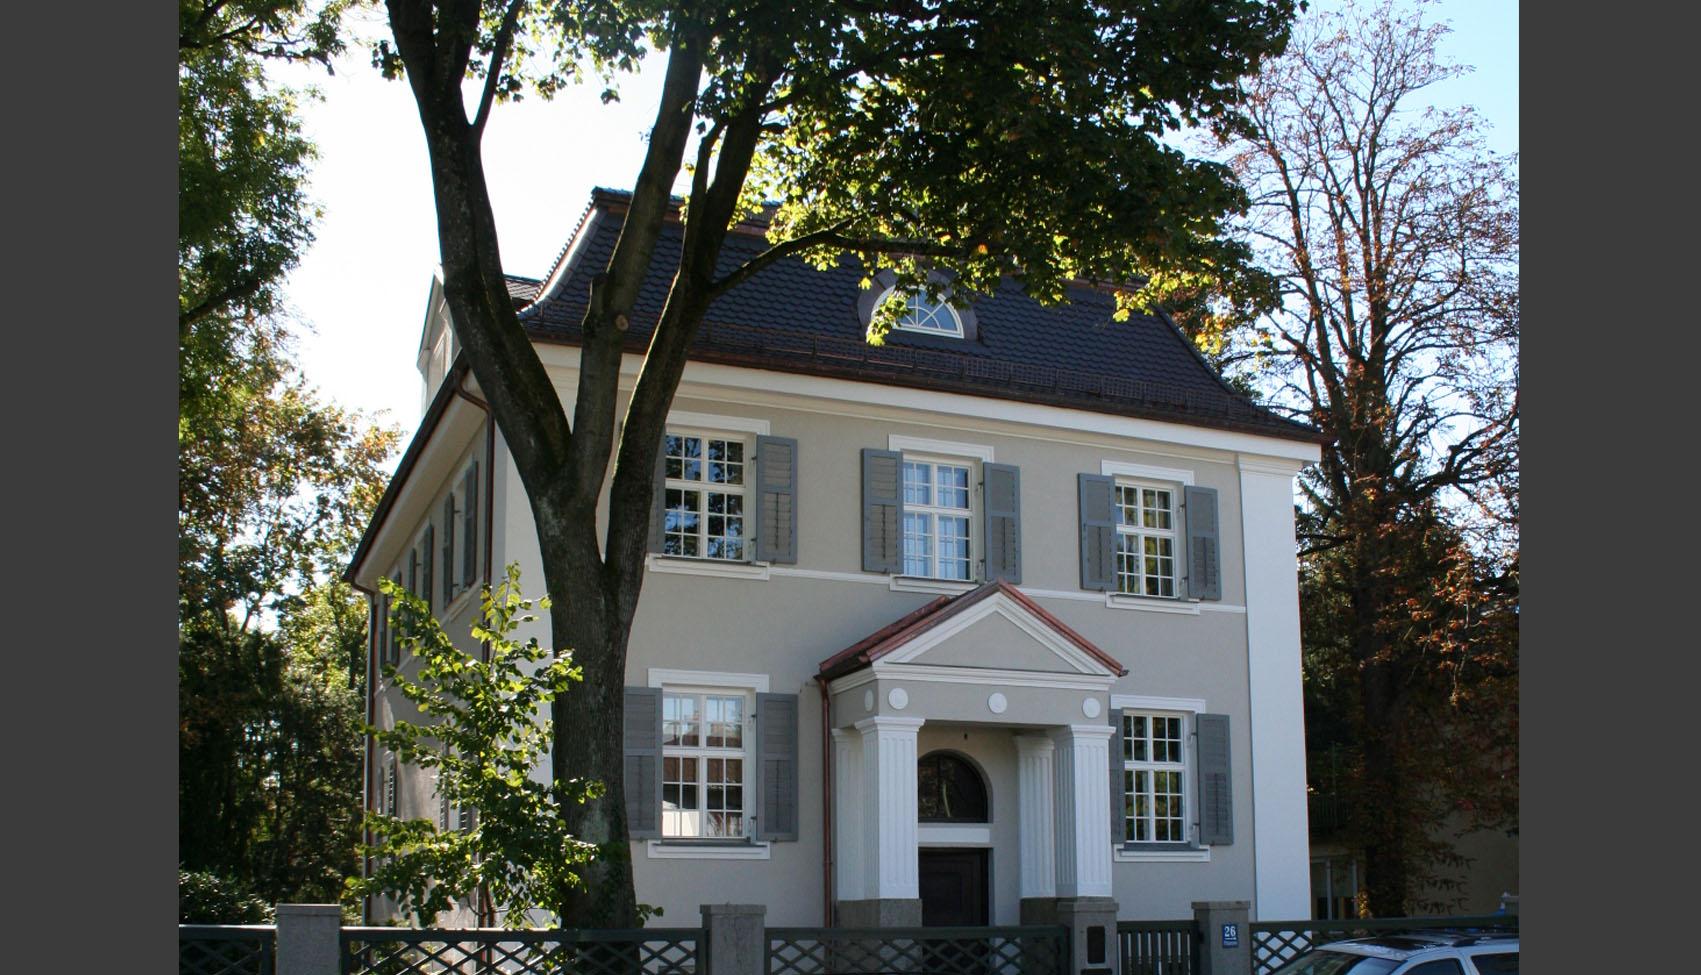 Generalsanierung einer denkmalgeschützten Villa, München